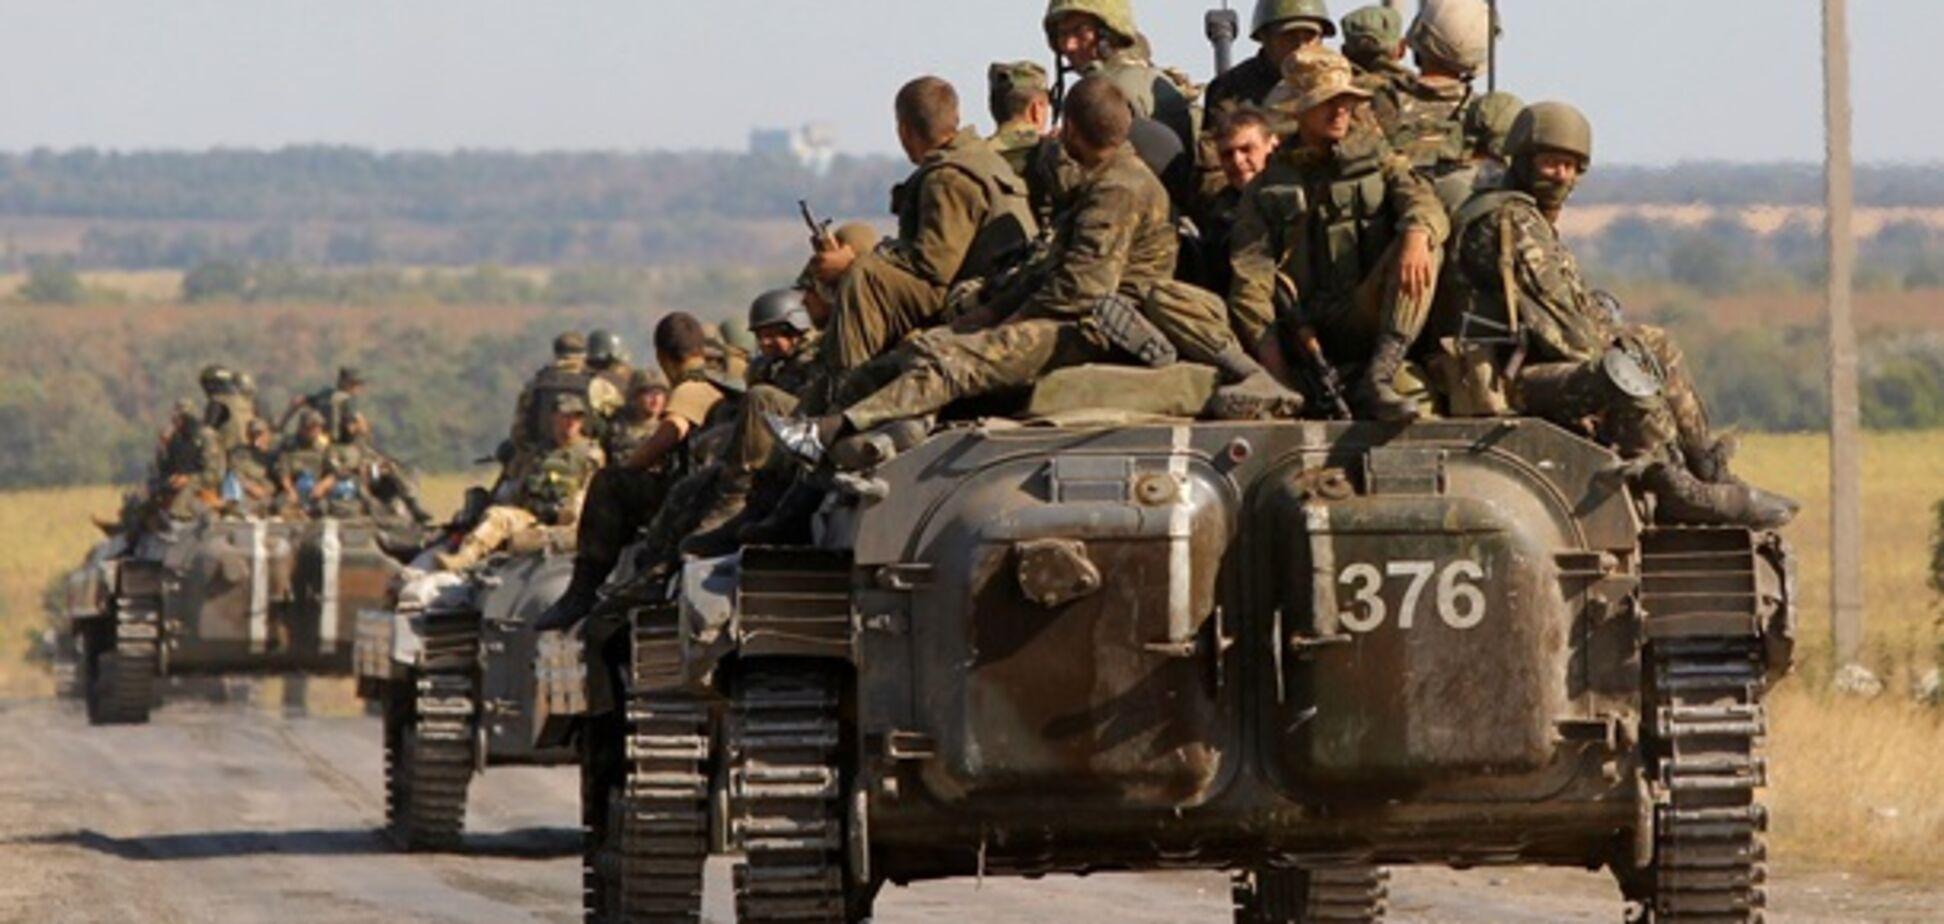 Атакували весь день: стало відомо про нові бої з 'Л/ДНР' на Донбасі